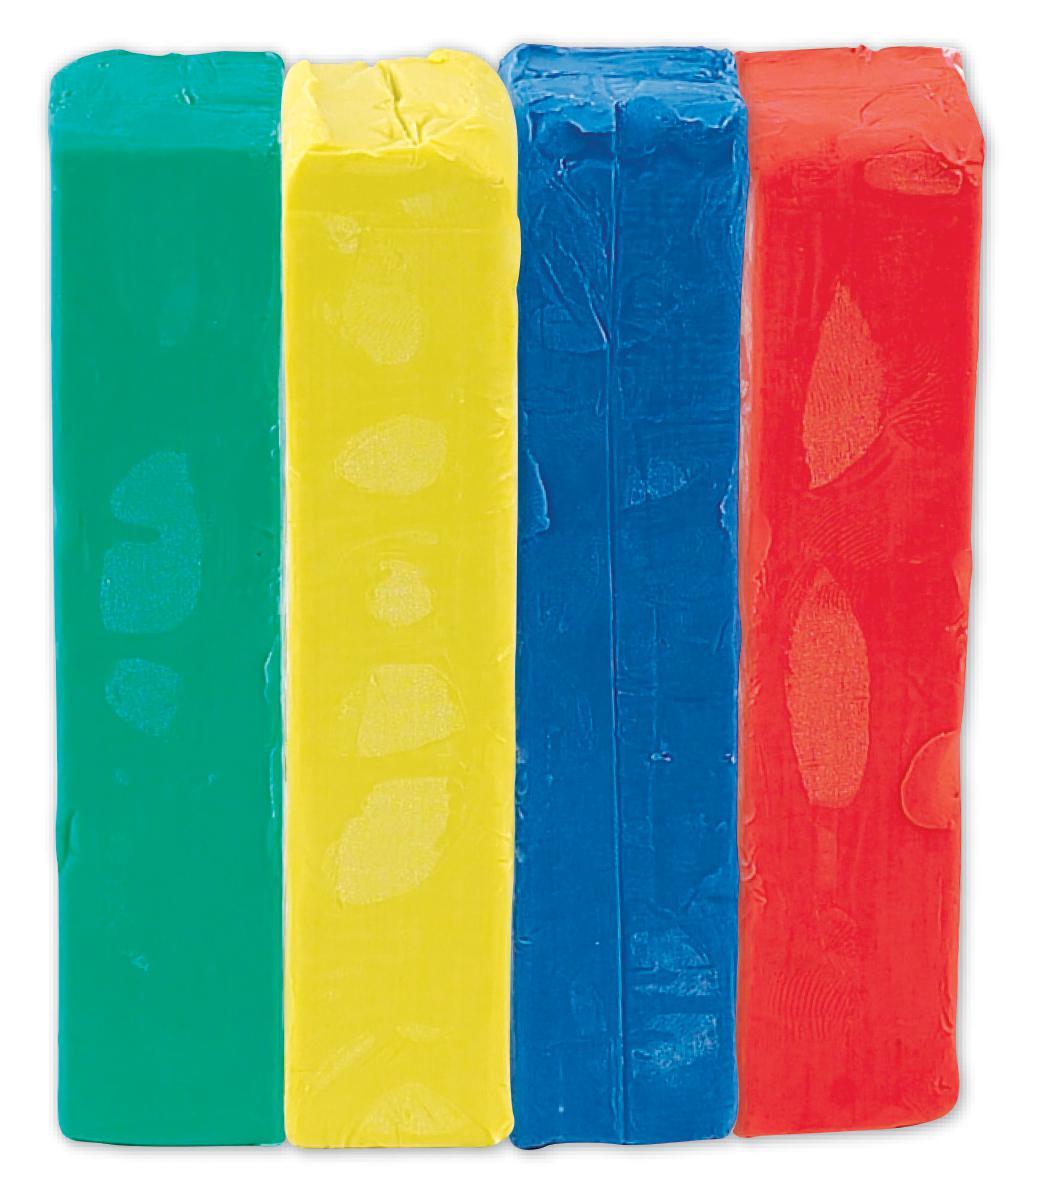 Pâte à modeler : 4 couleurs primaires